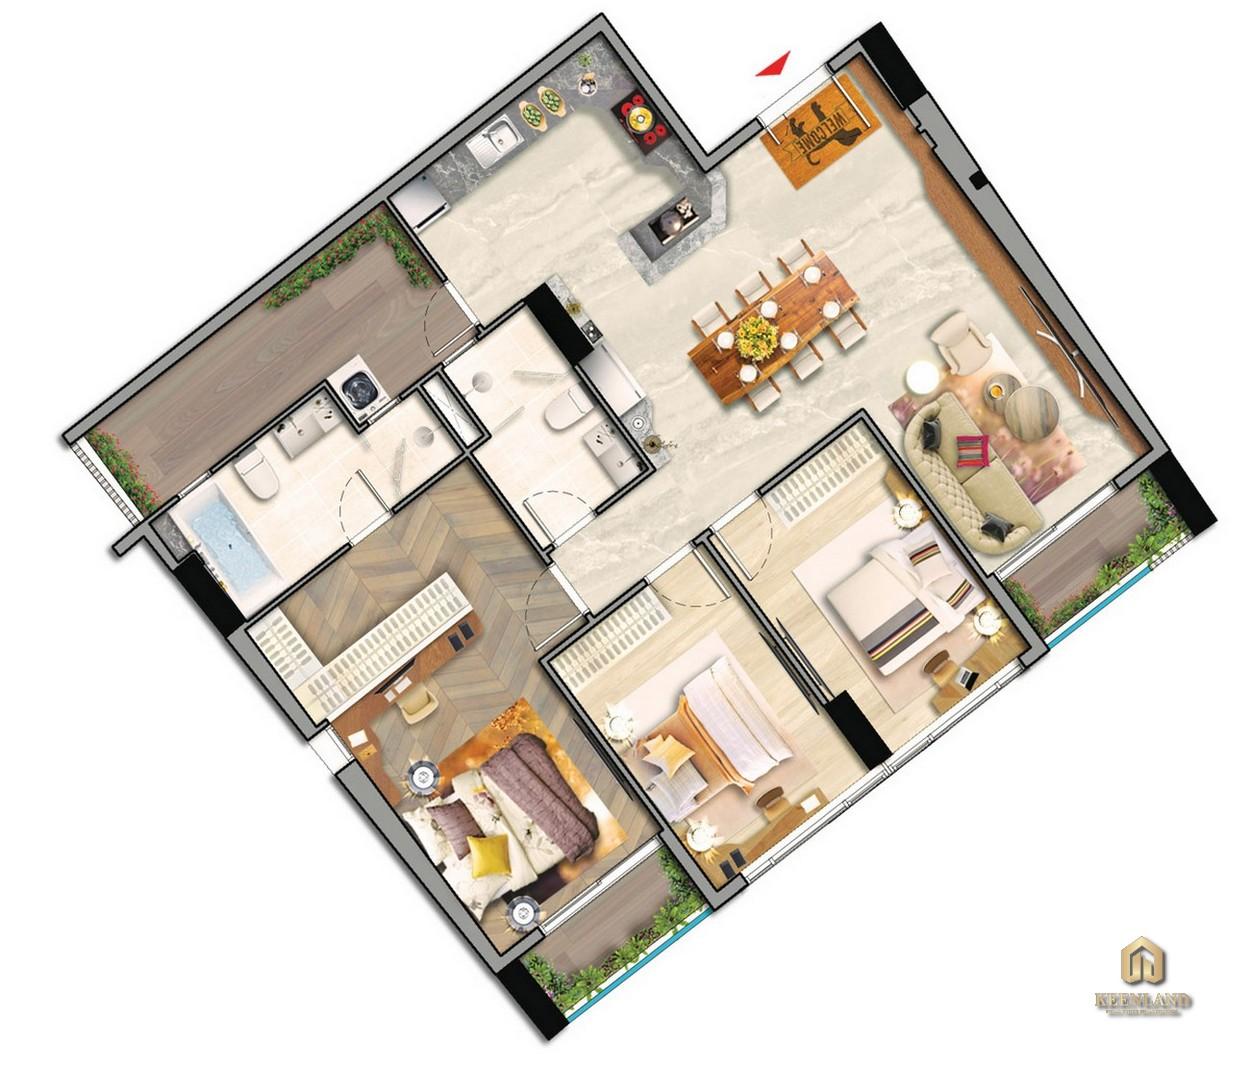 Thiết kế chi tiết căn hộ điển hình 3PN tòa M8A dự án Midtown The Peak Quận 7